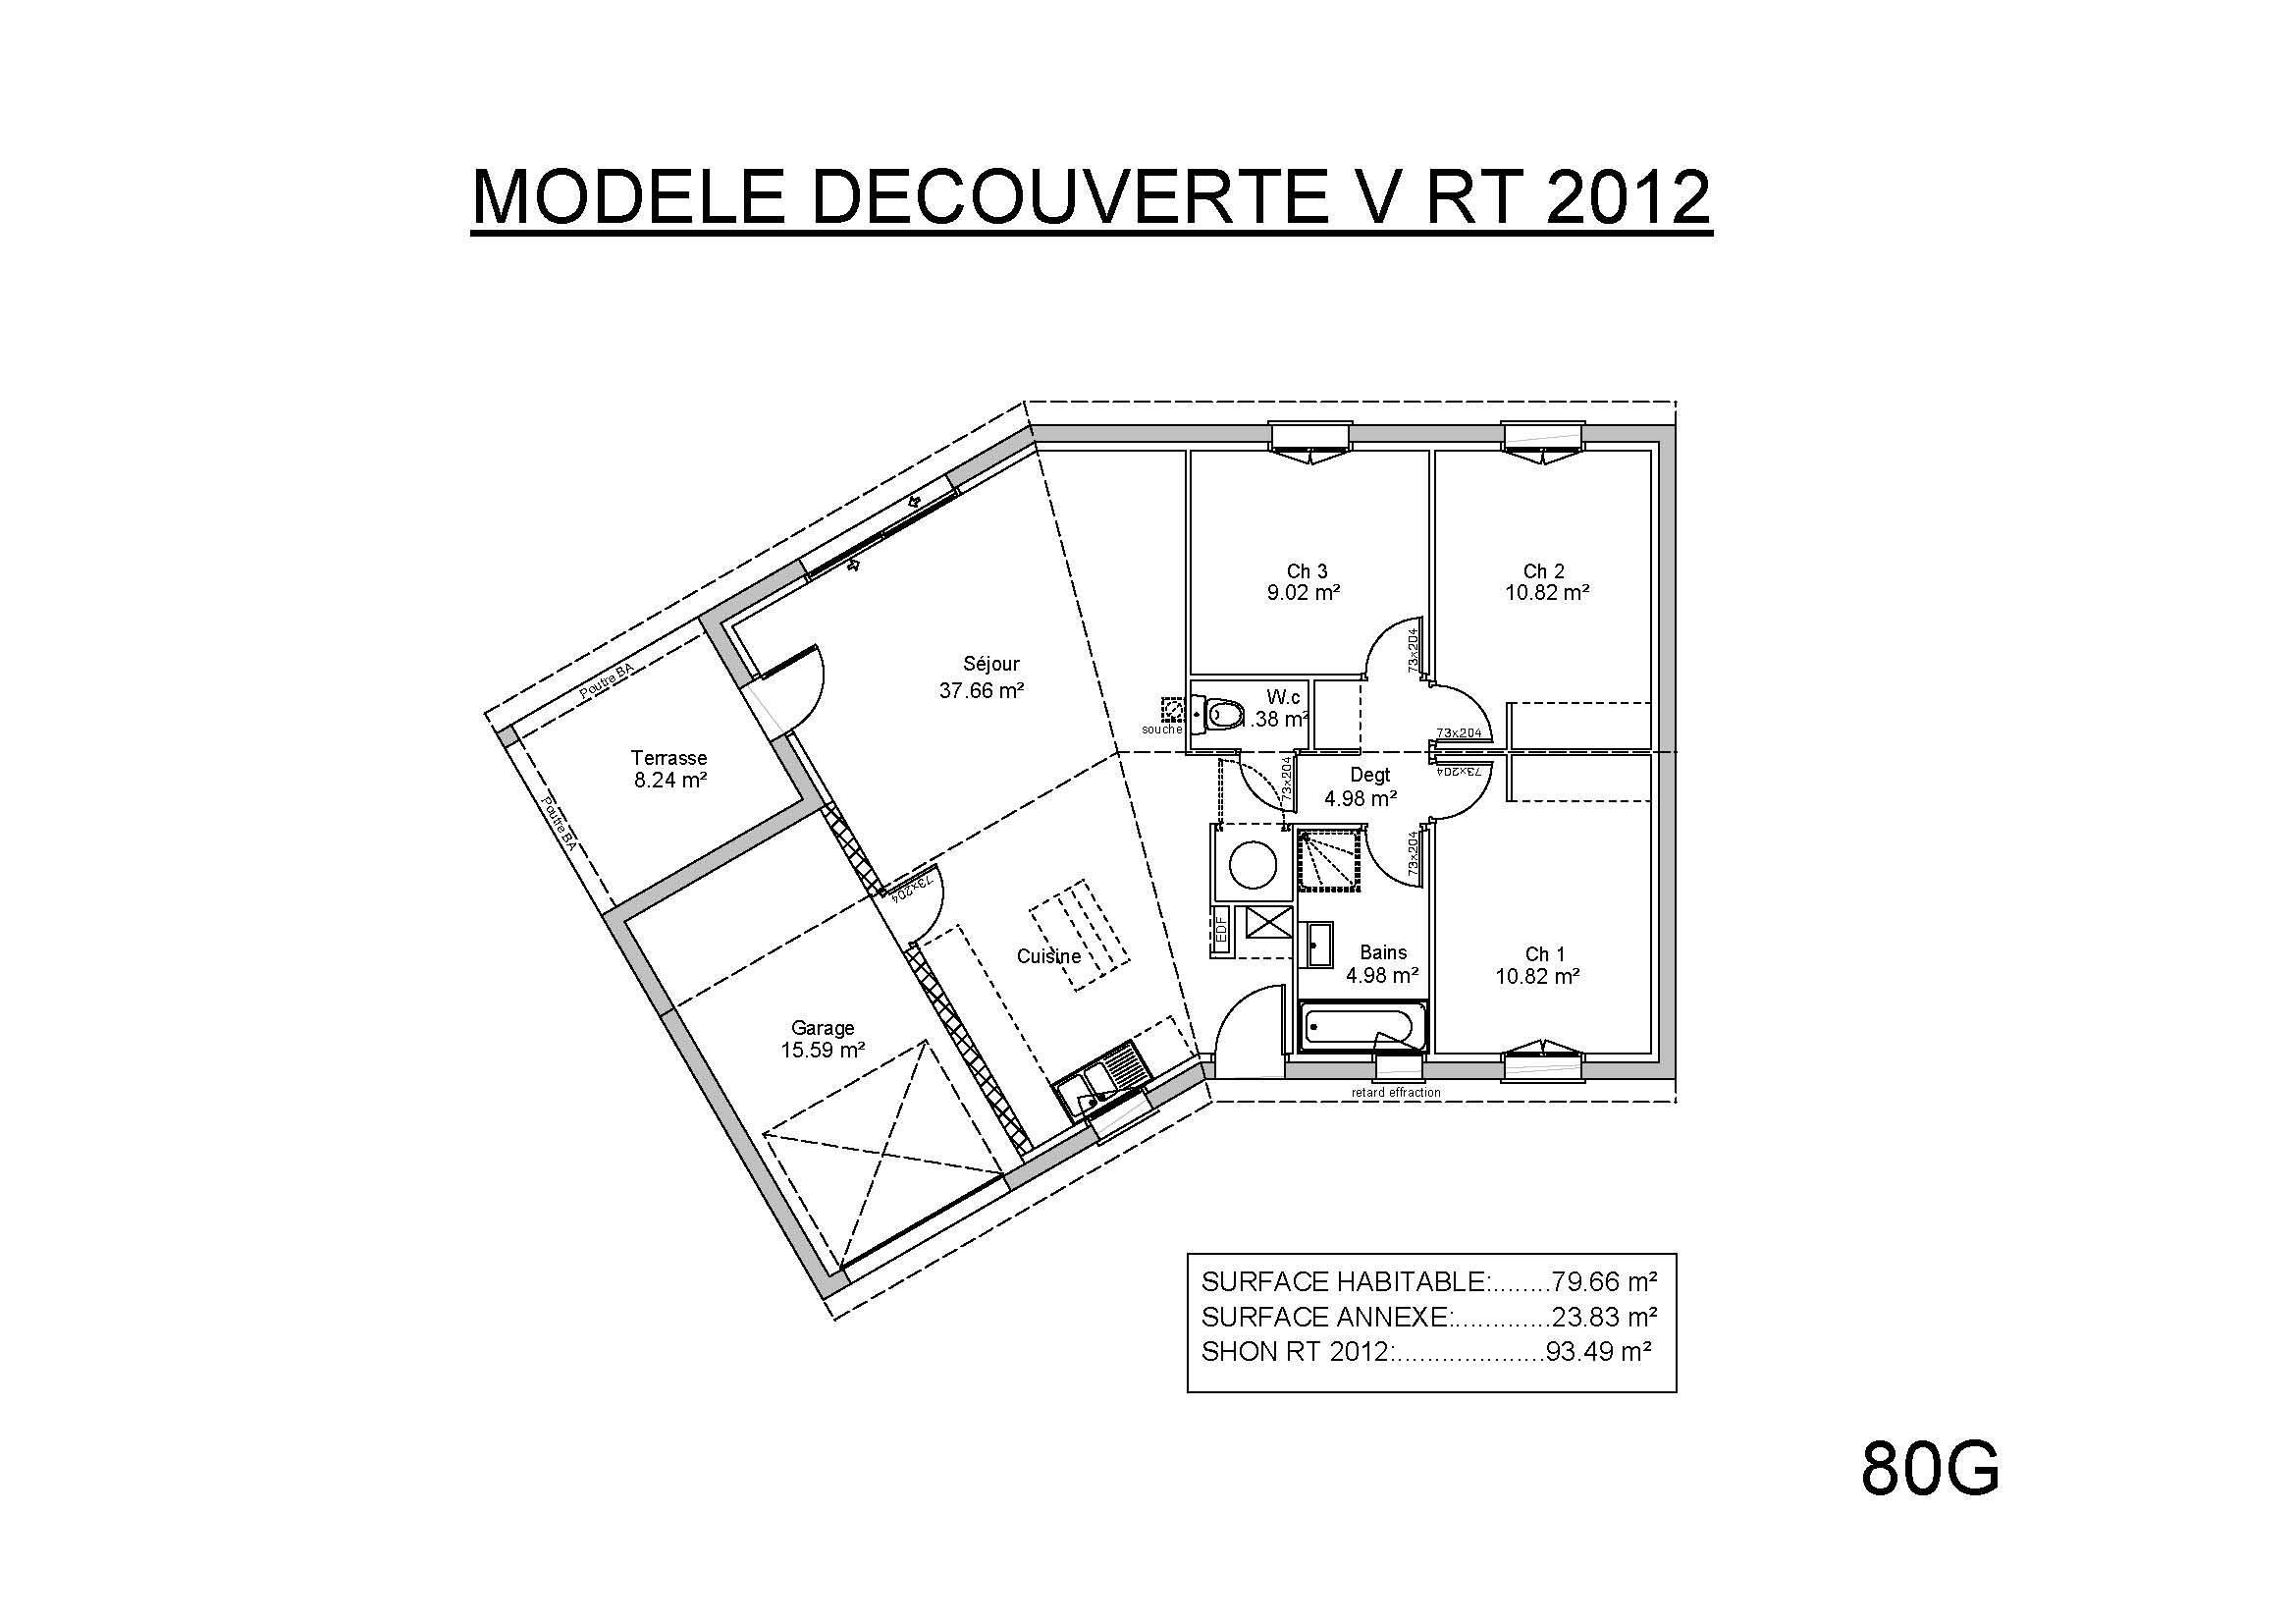 mod les et plans de maisons mod le de plain pied d couverte en v constructions demeures c te. Black Bedroom Furniture Sets. Home Design Ideas